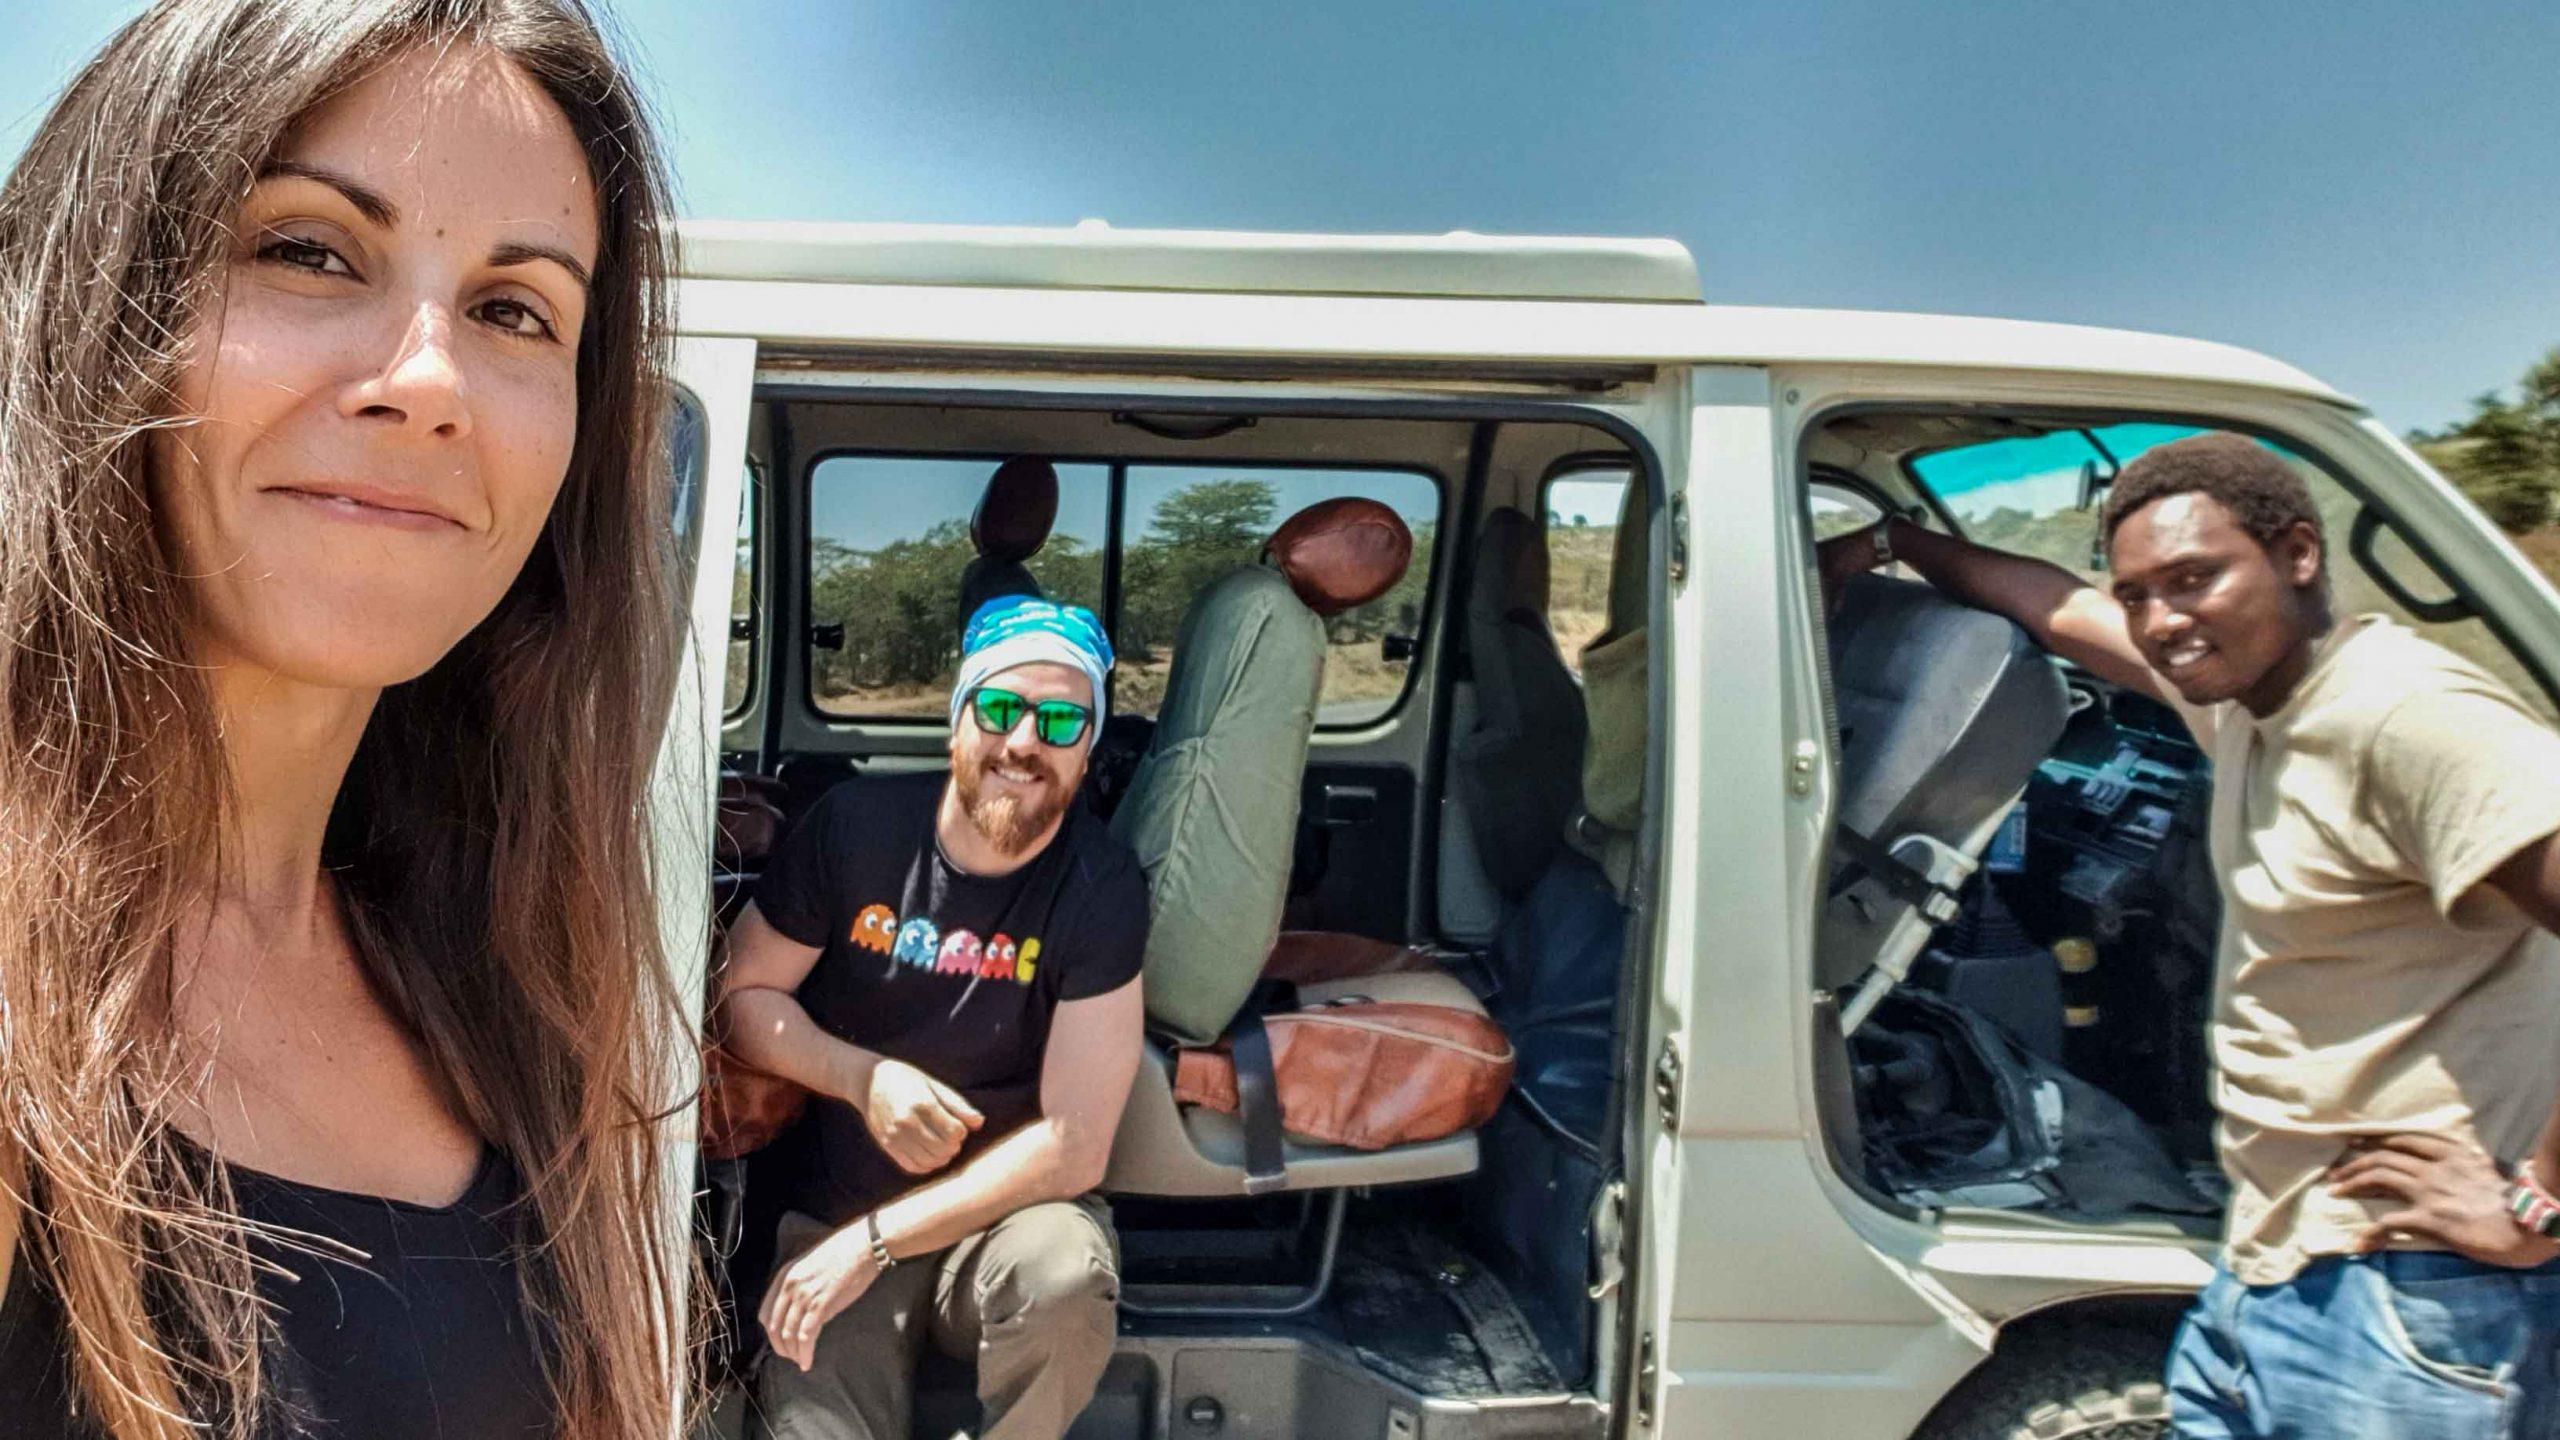 Minivan averiada en alguna carretera de Kenia. ¡Positivismo ante todo!